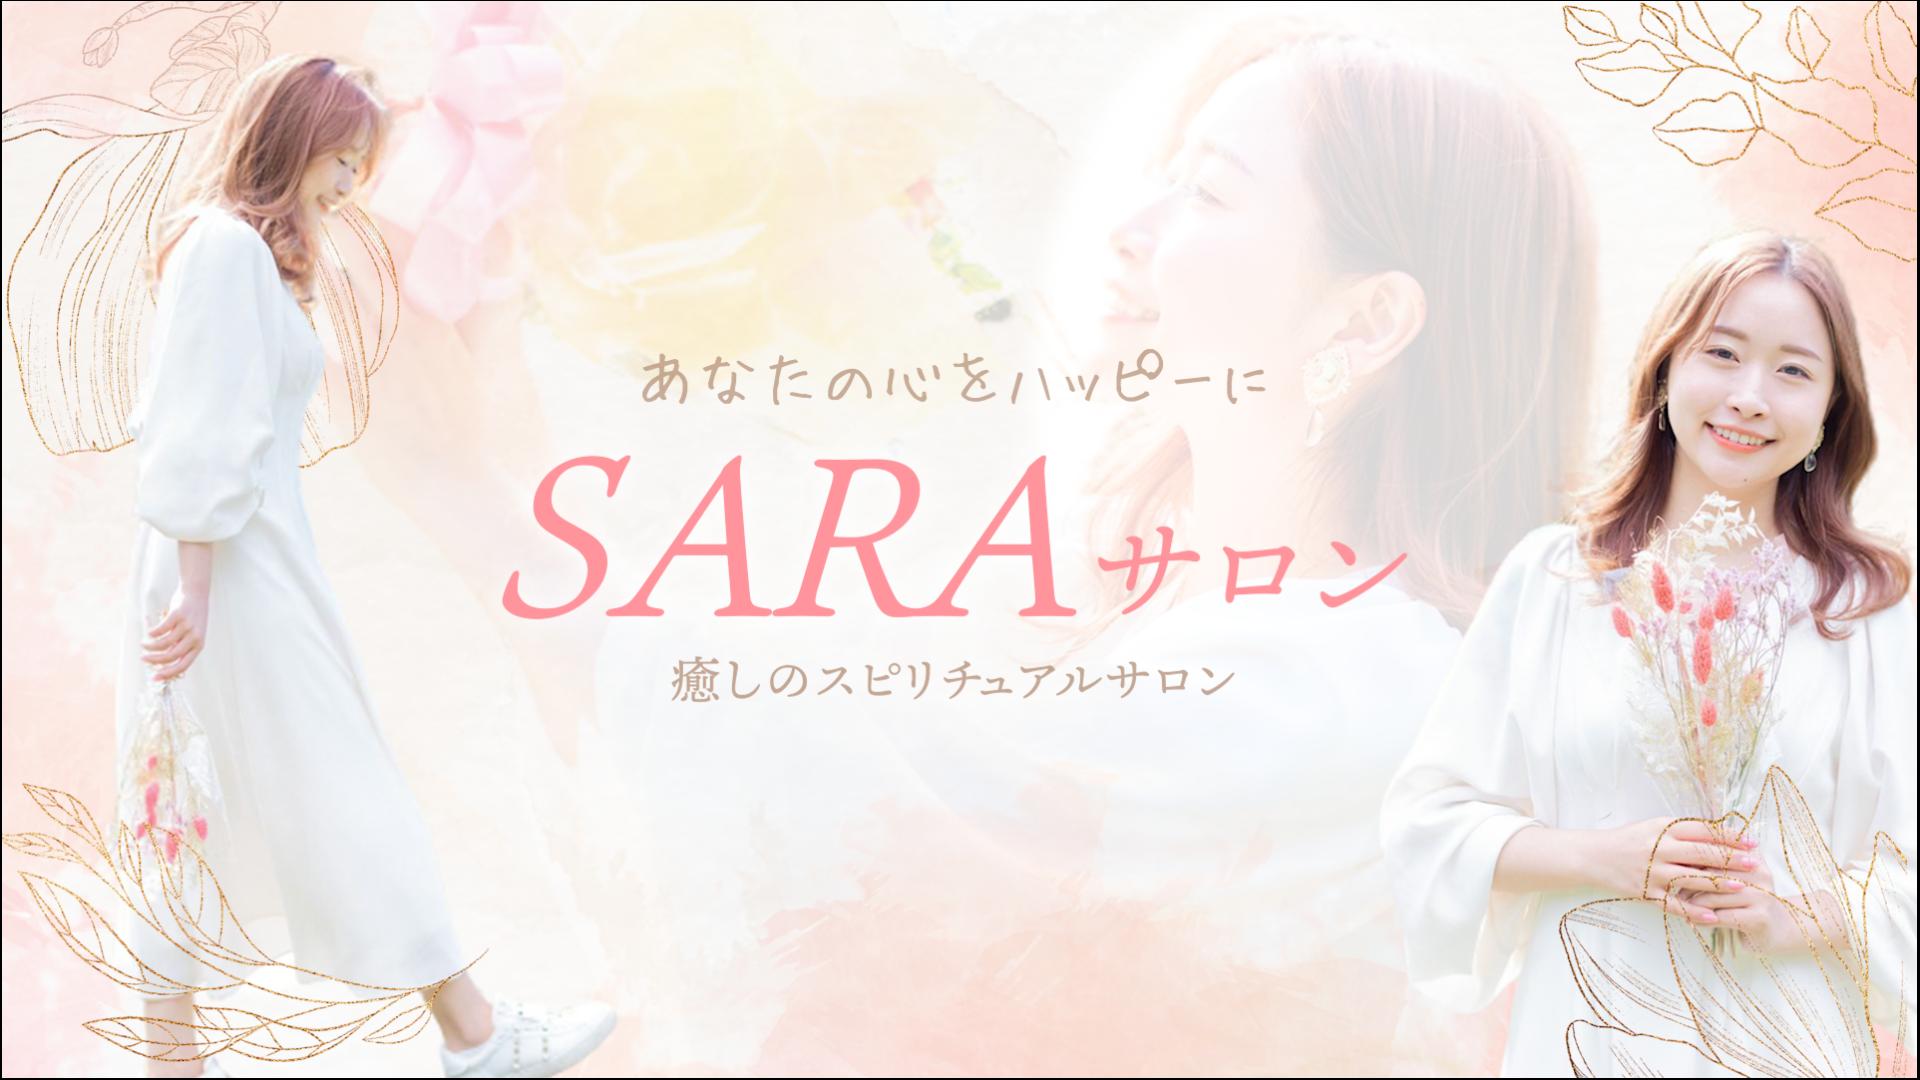 SARA サロン